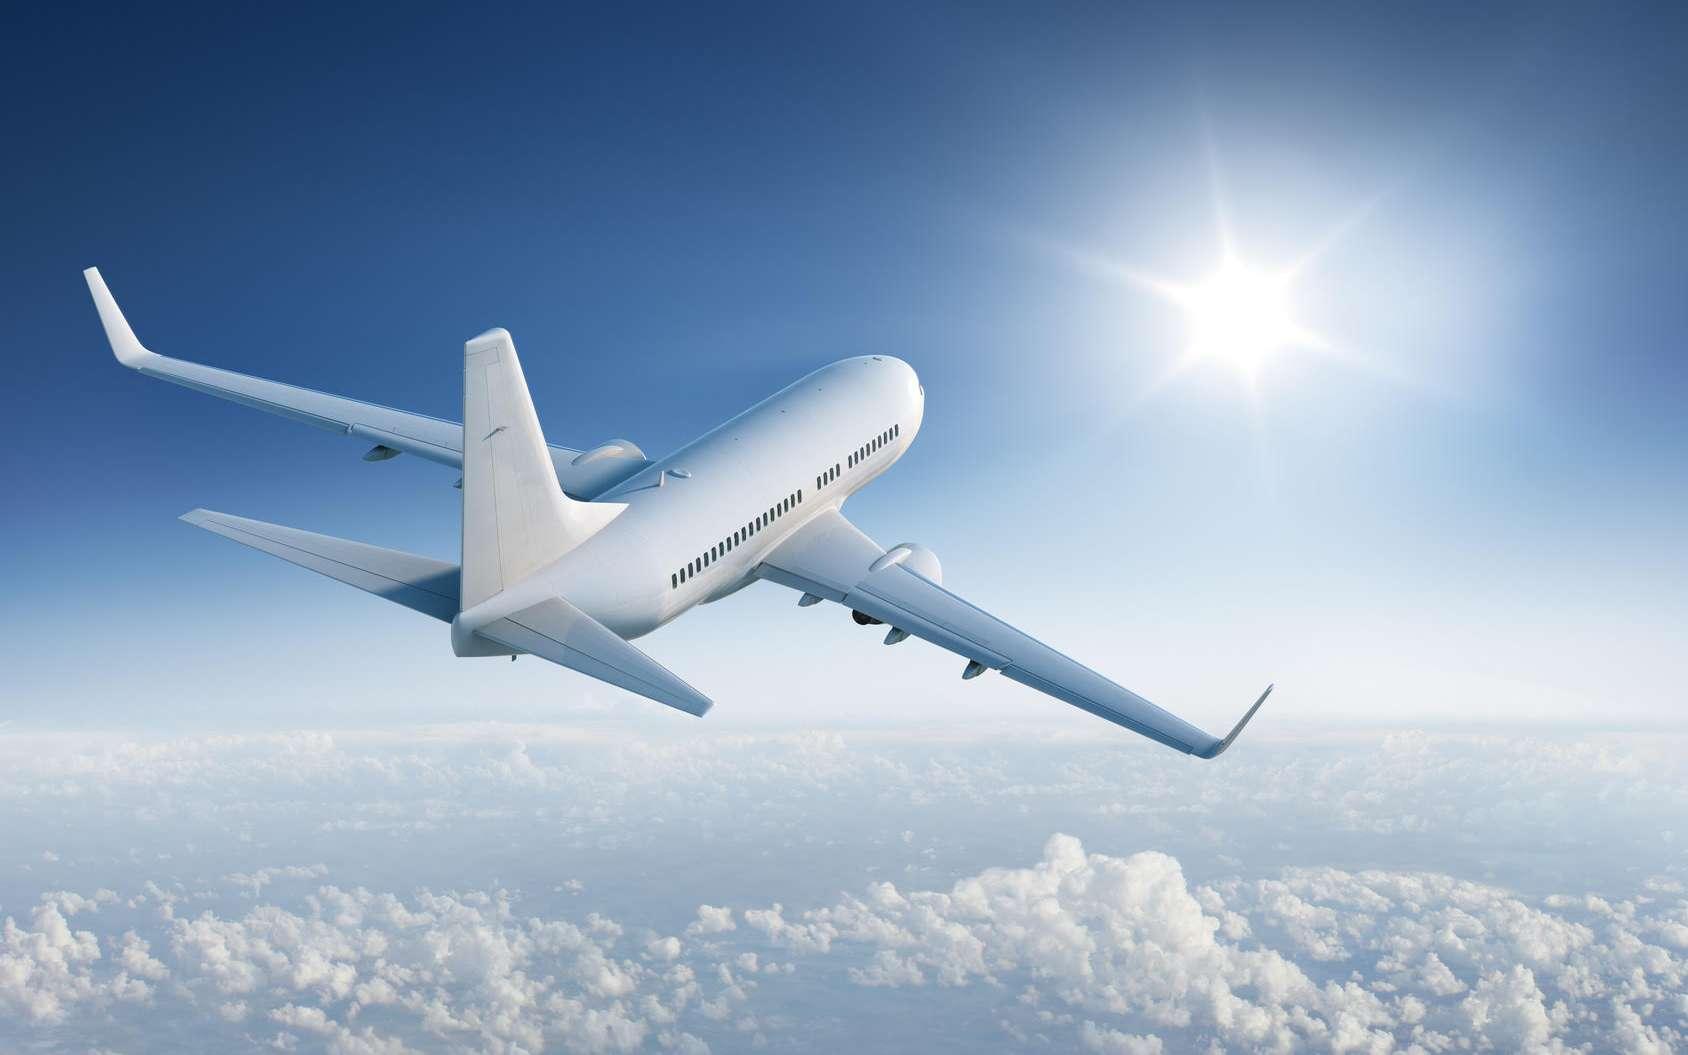 Acheter son billet d'avion au meilleur moment. © Karsten, Fotolia